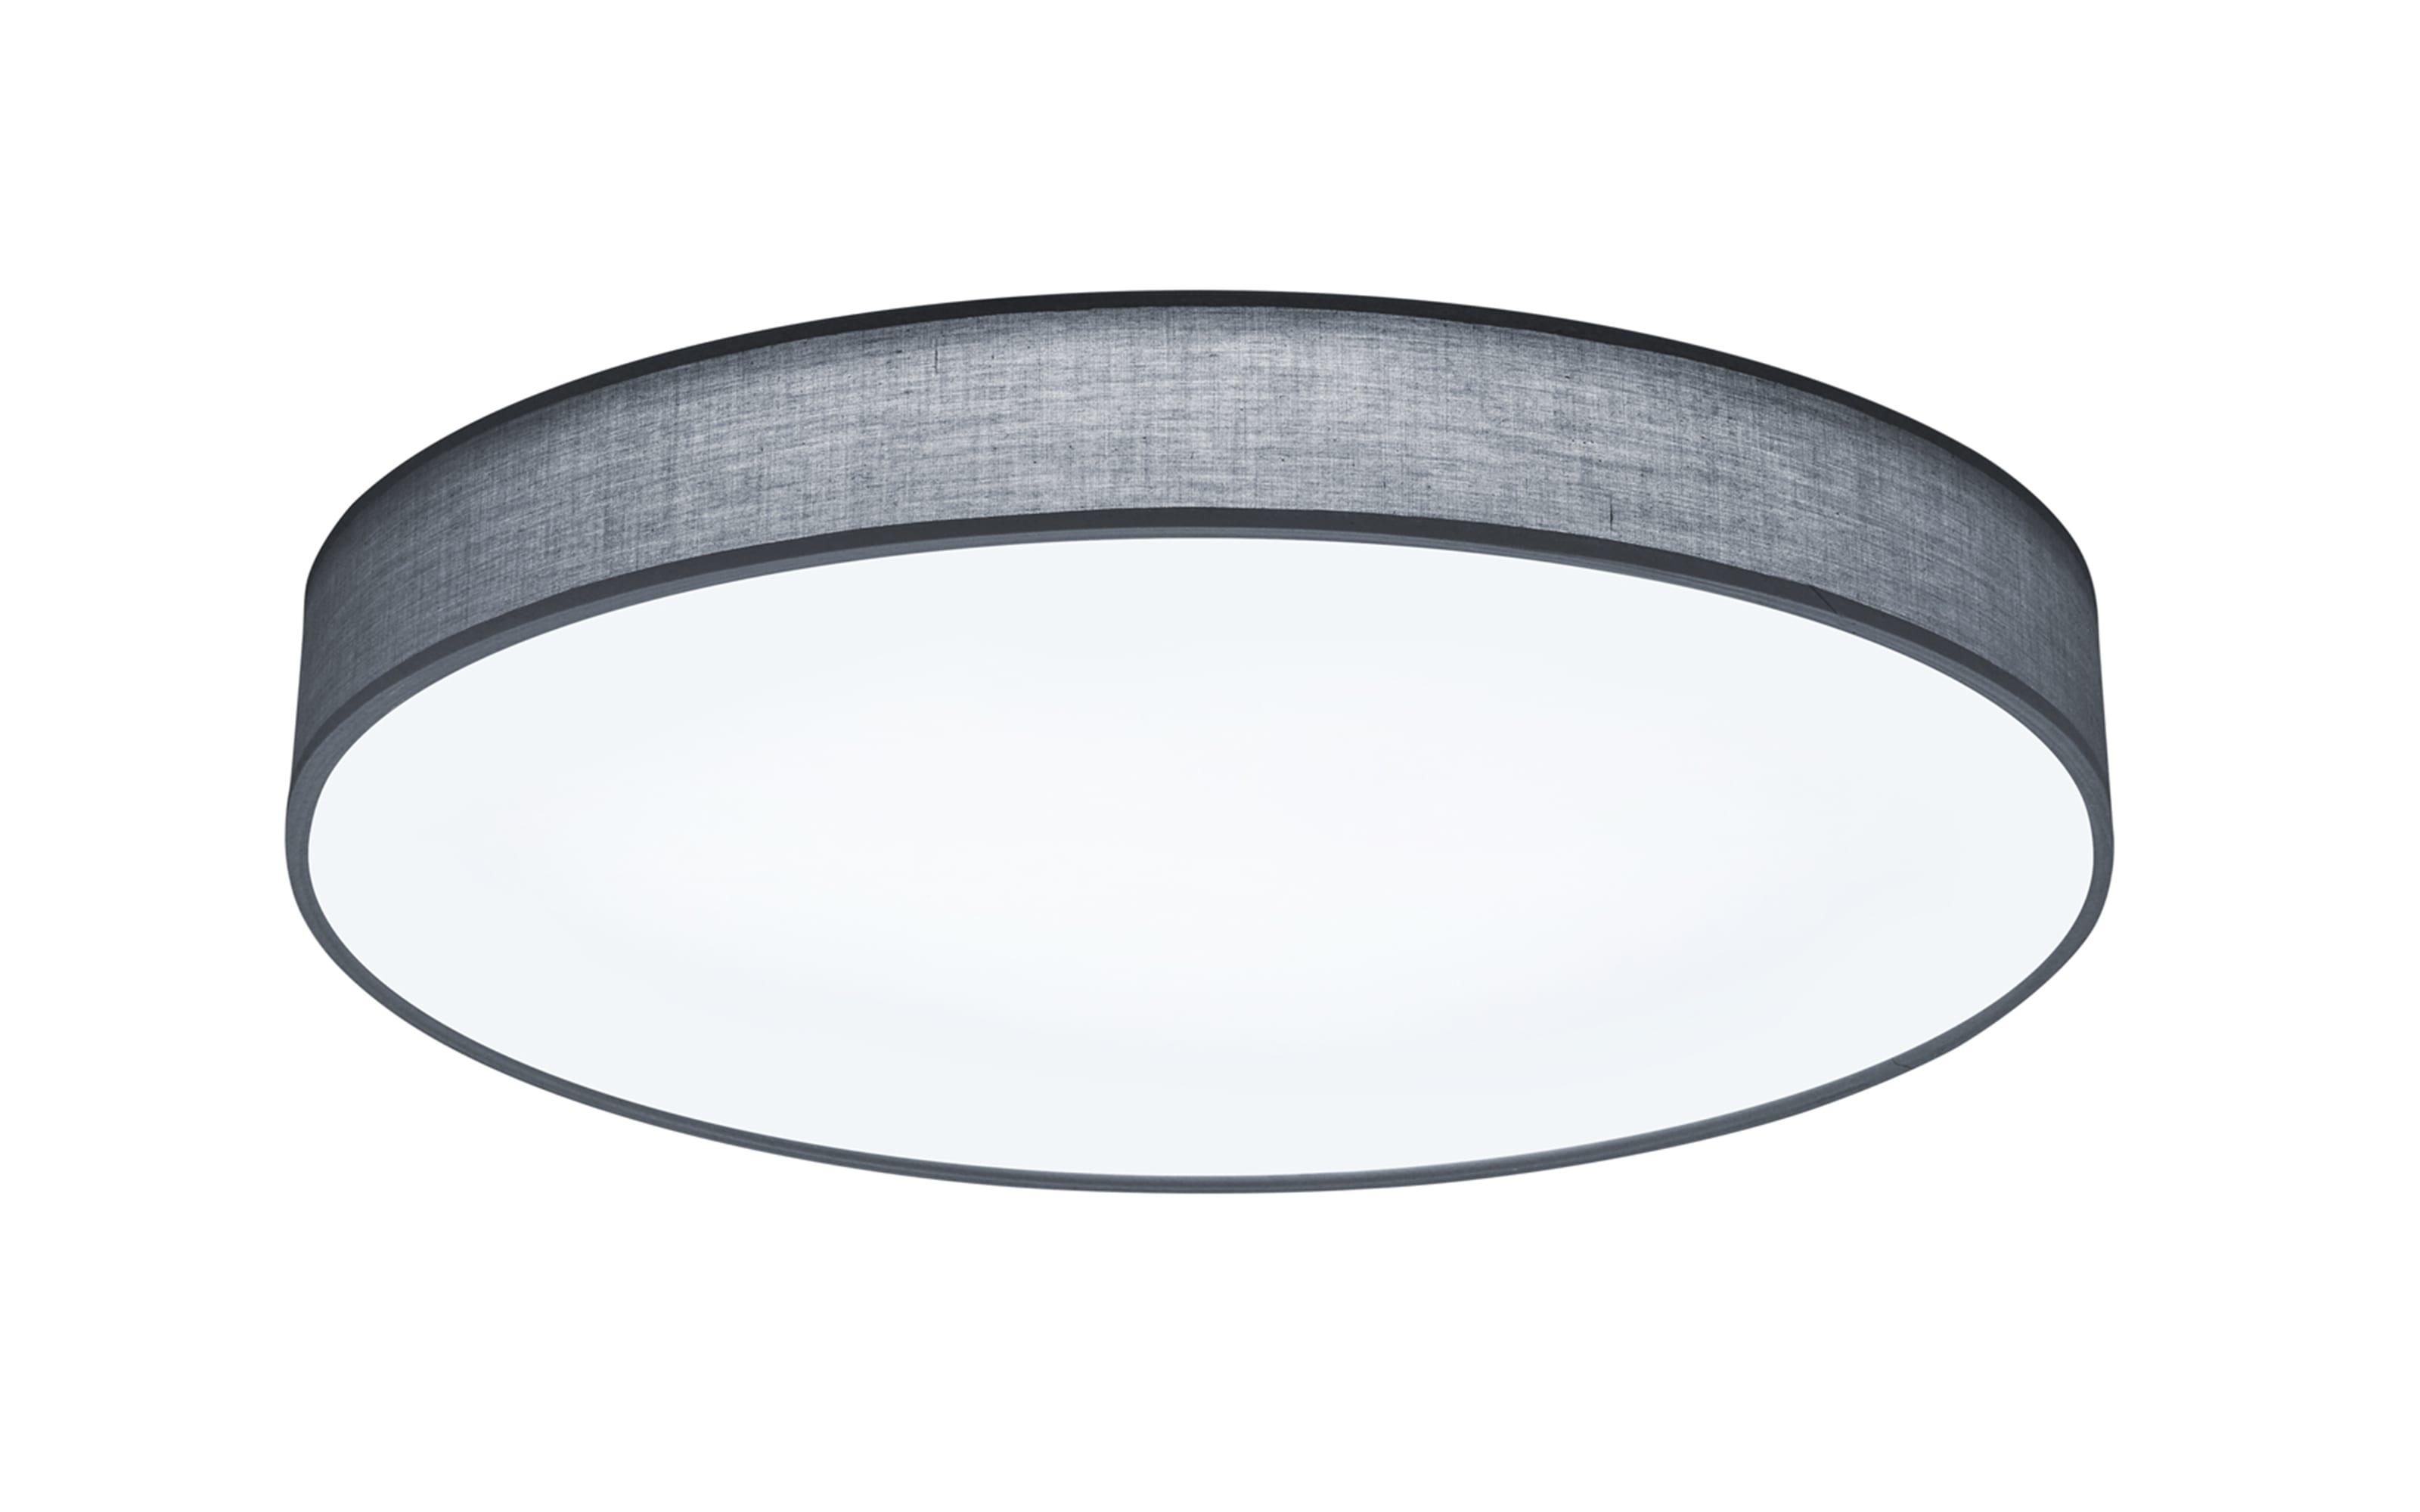 LED-Deckenleuchte Lugano in grau